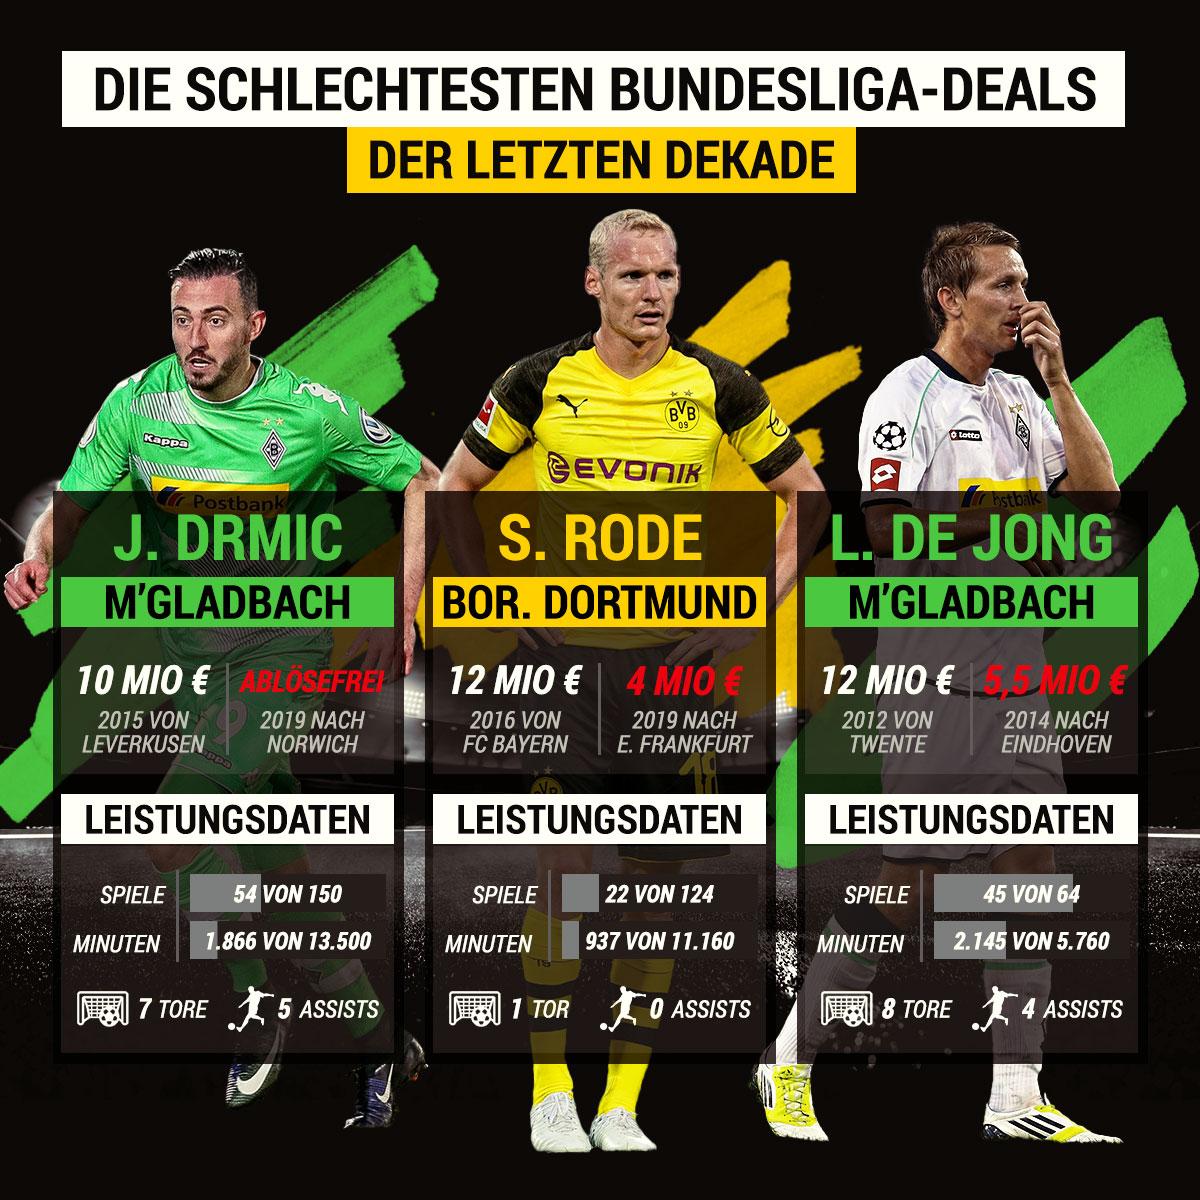 Schlechte Transfer-Deals Fußball-Bundesliga